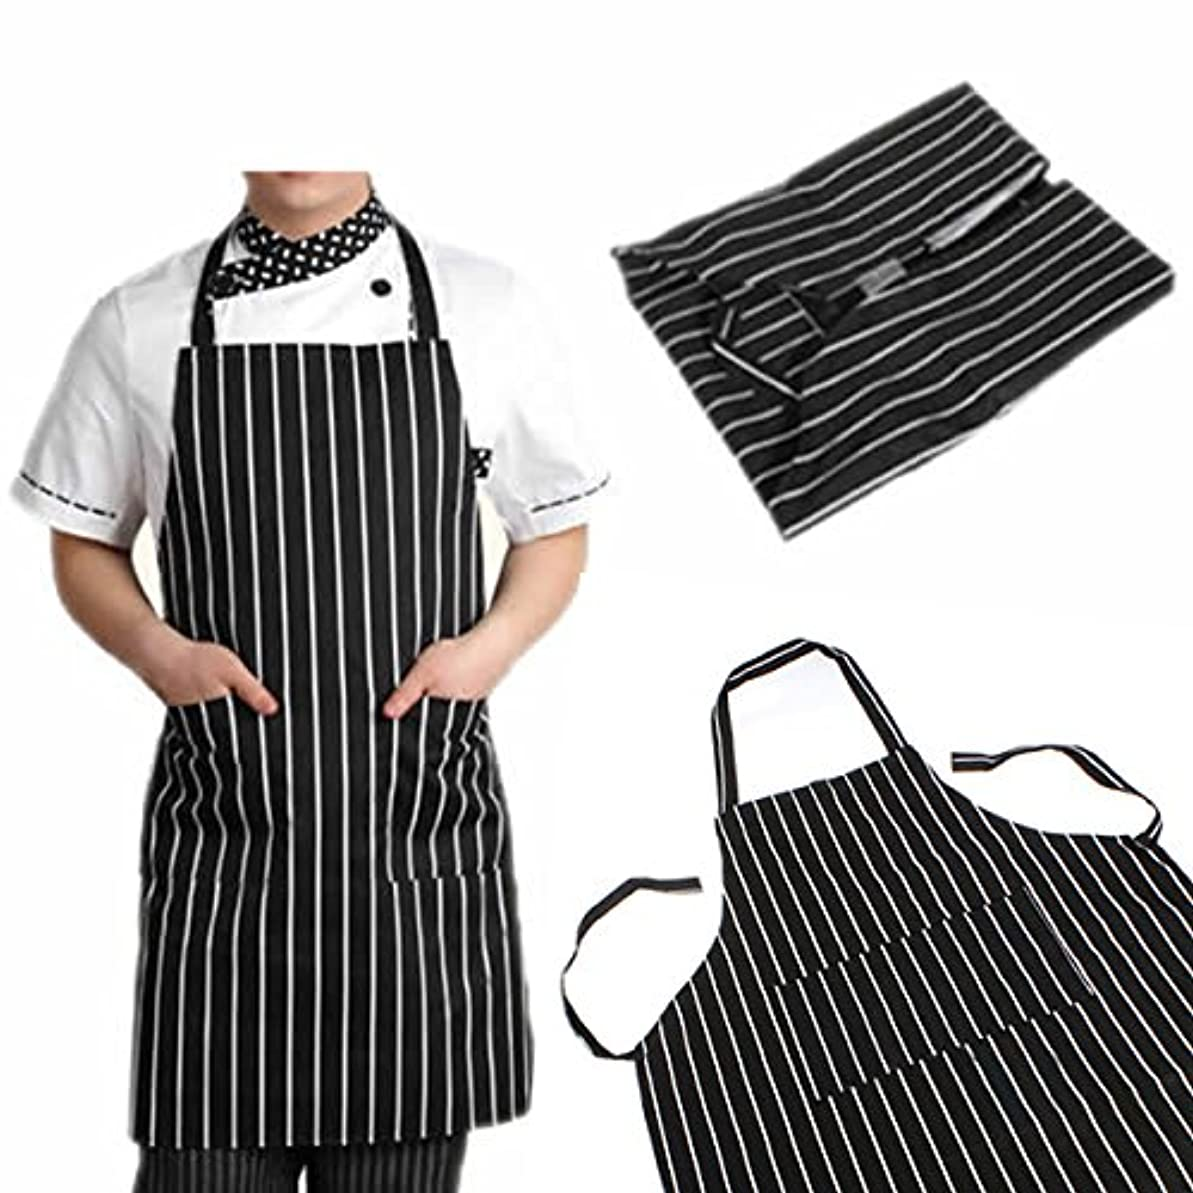 調べる手当宿るattachmenttou ブラックストライプビブエプロン 2つのポケット付き キッチン料理 耐久性のある 有用 調節可能な 大人